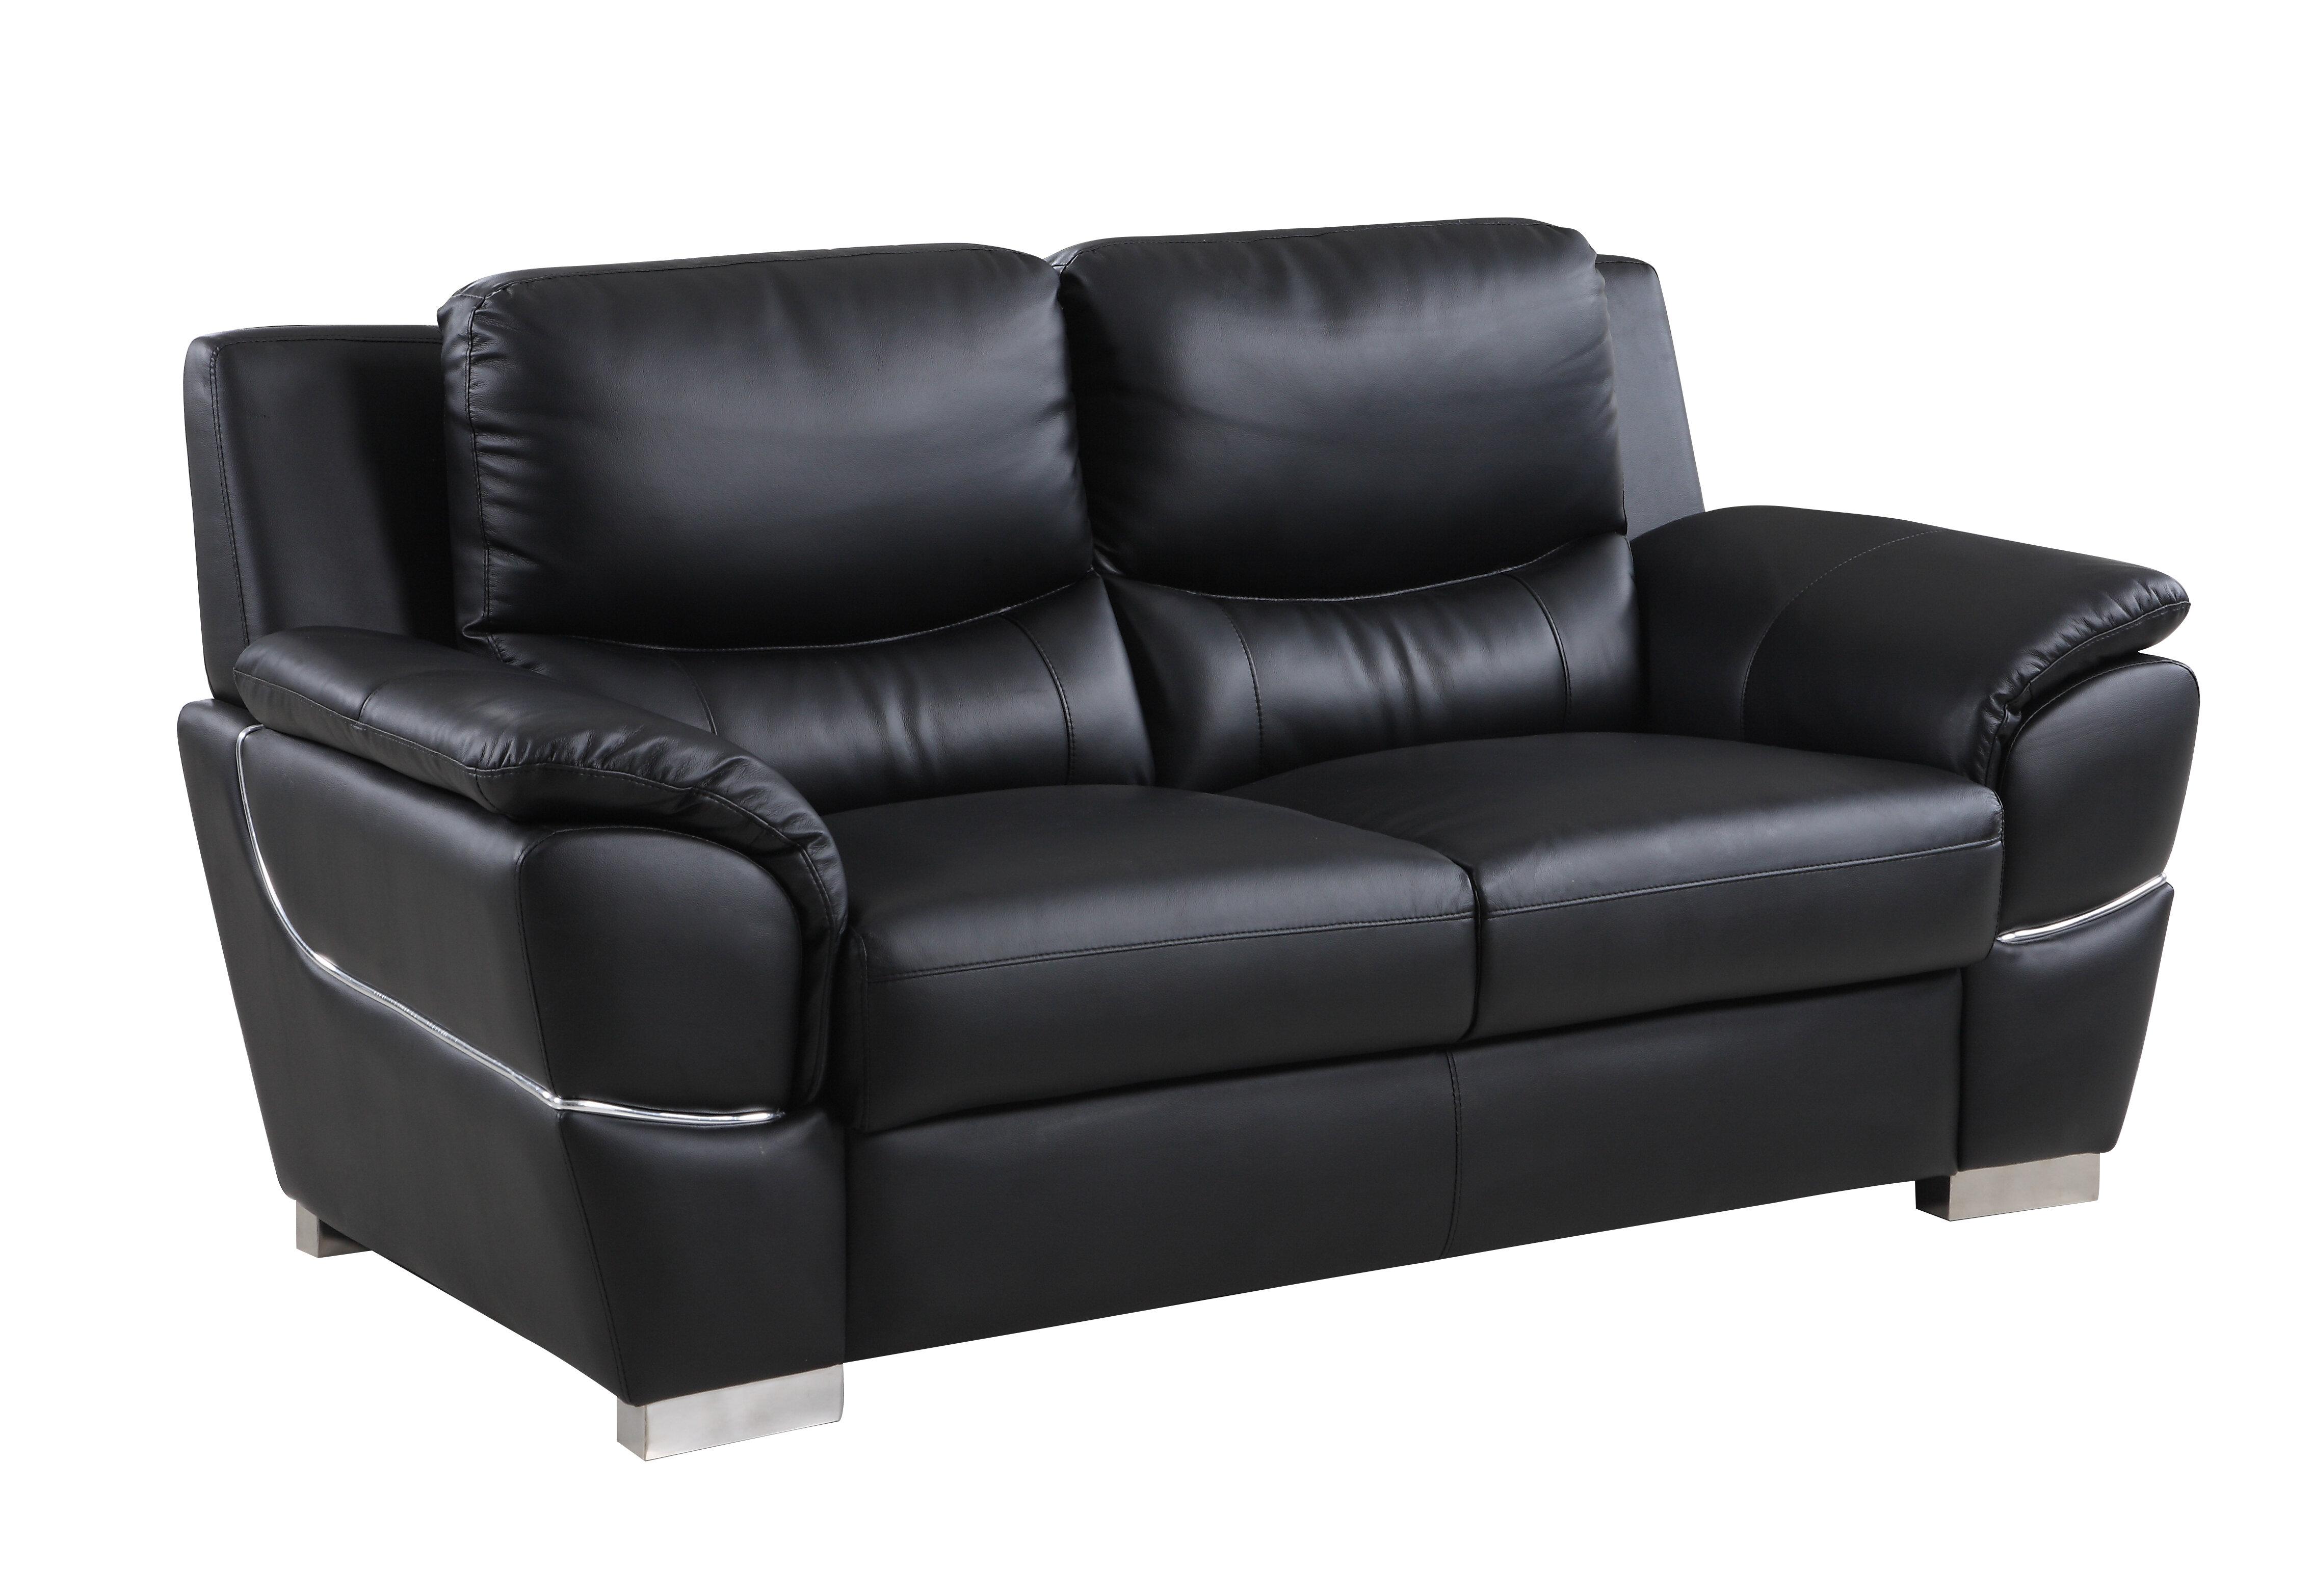 Henton Luxury Upholstered Living Room Loveseat